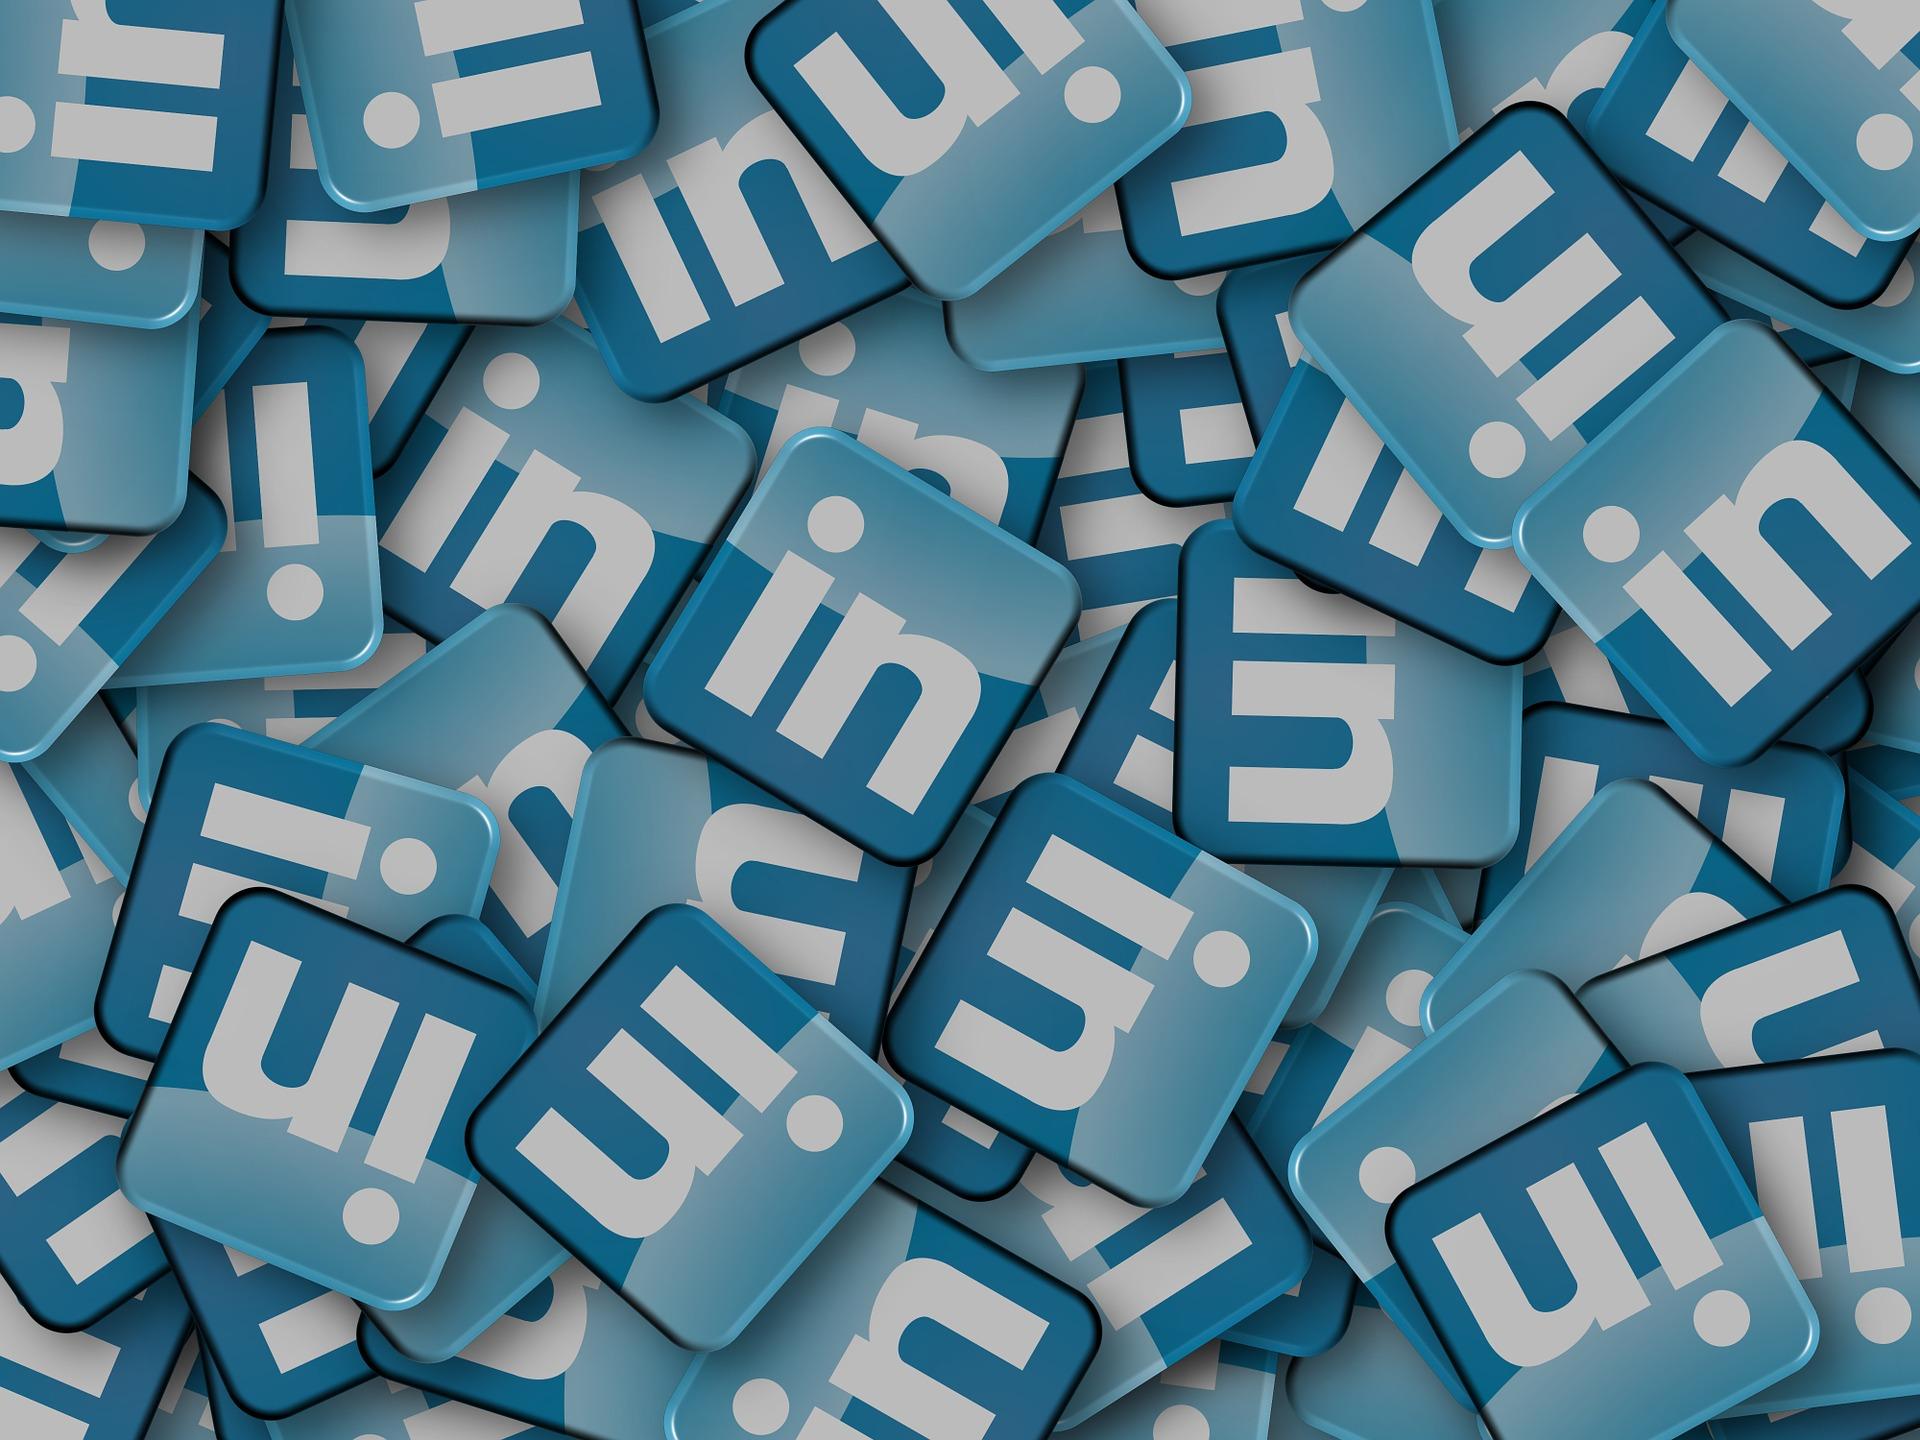 linkedin-1084446_1920.jpg